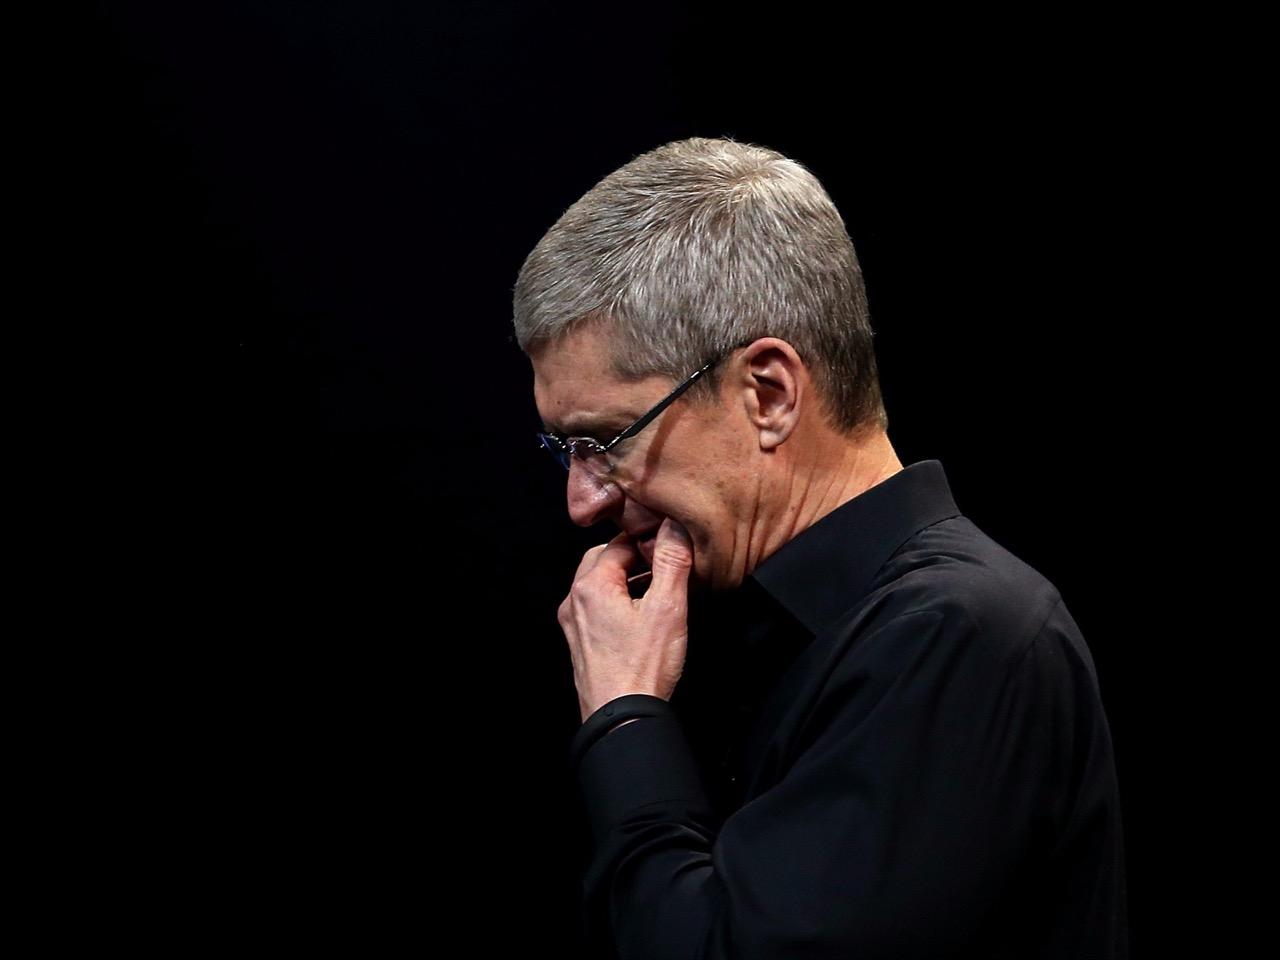 СЕО компании Apple Тим Кук